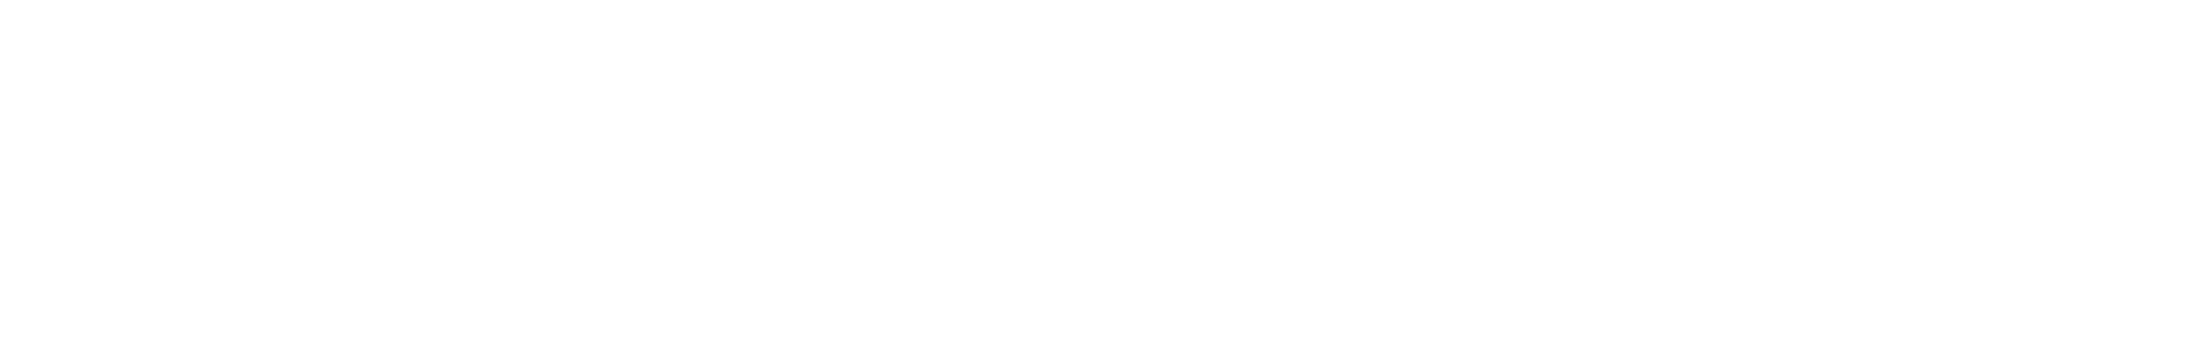 TCBF 21